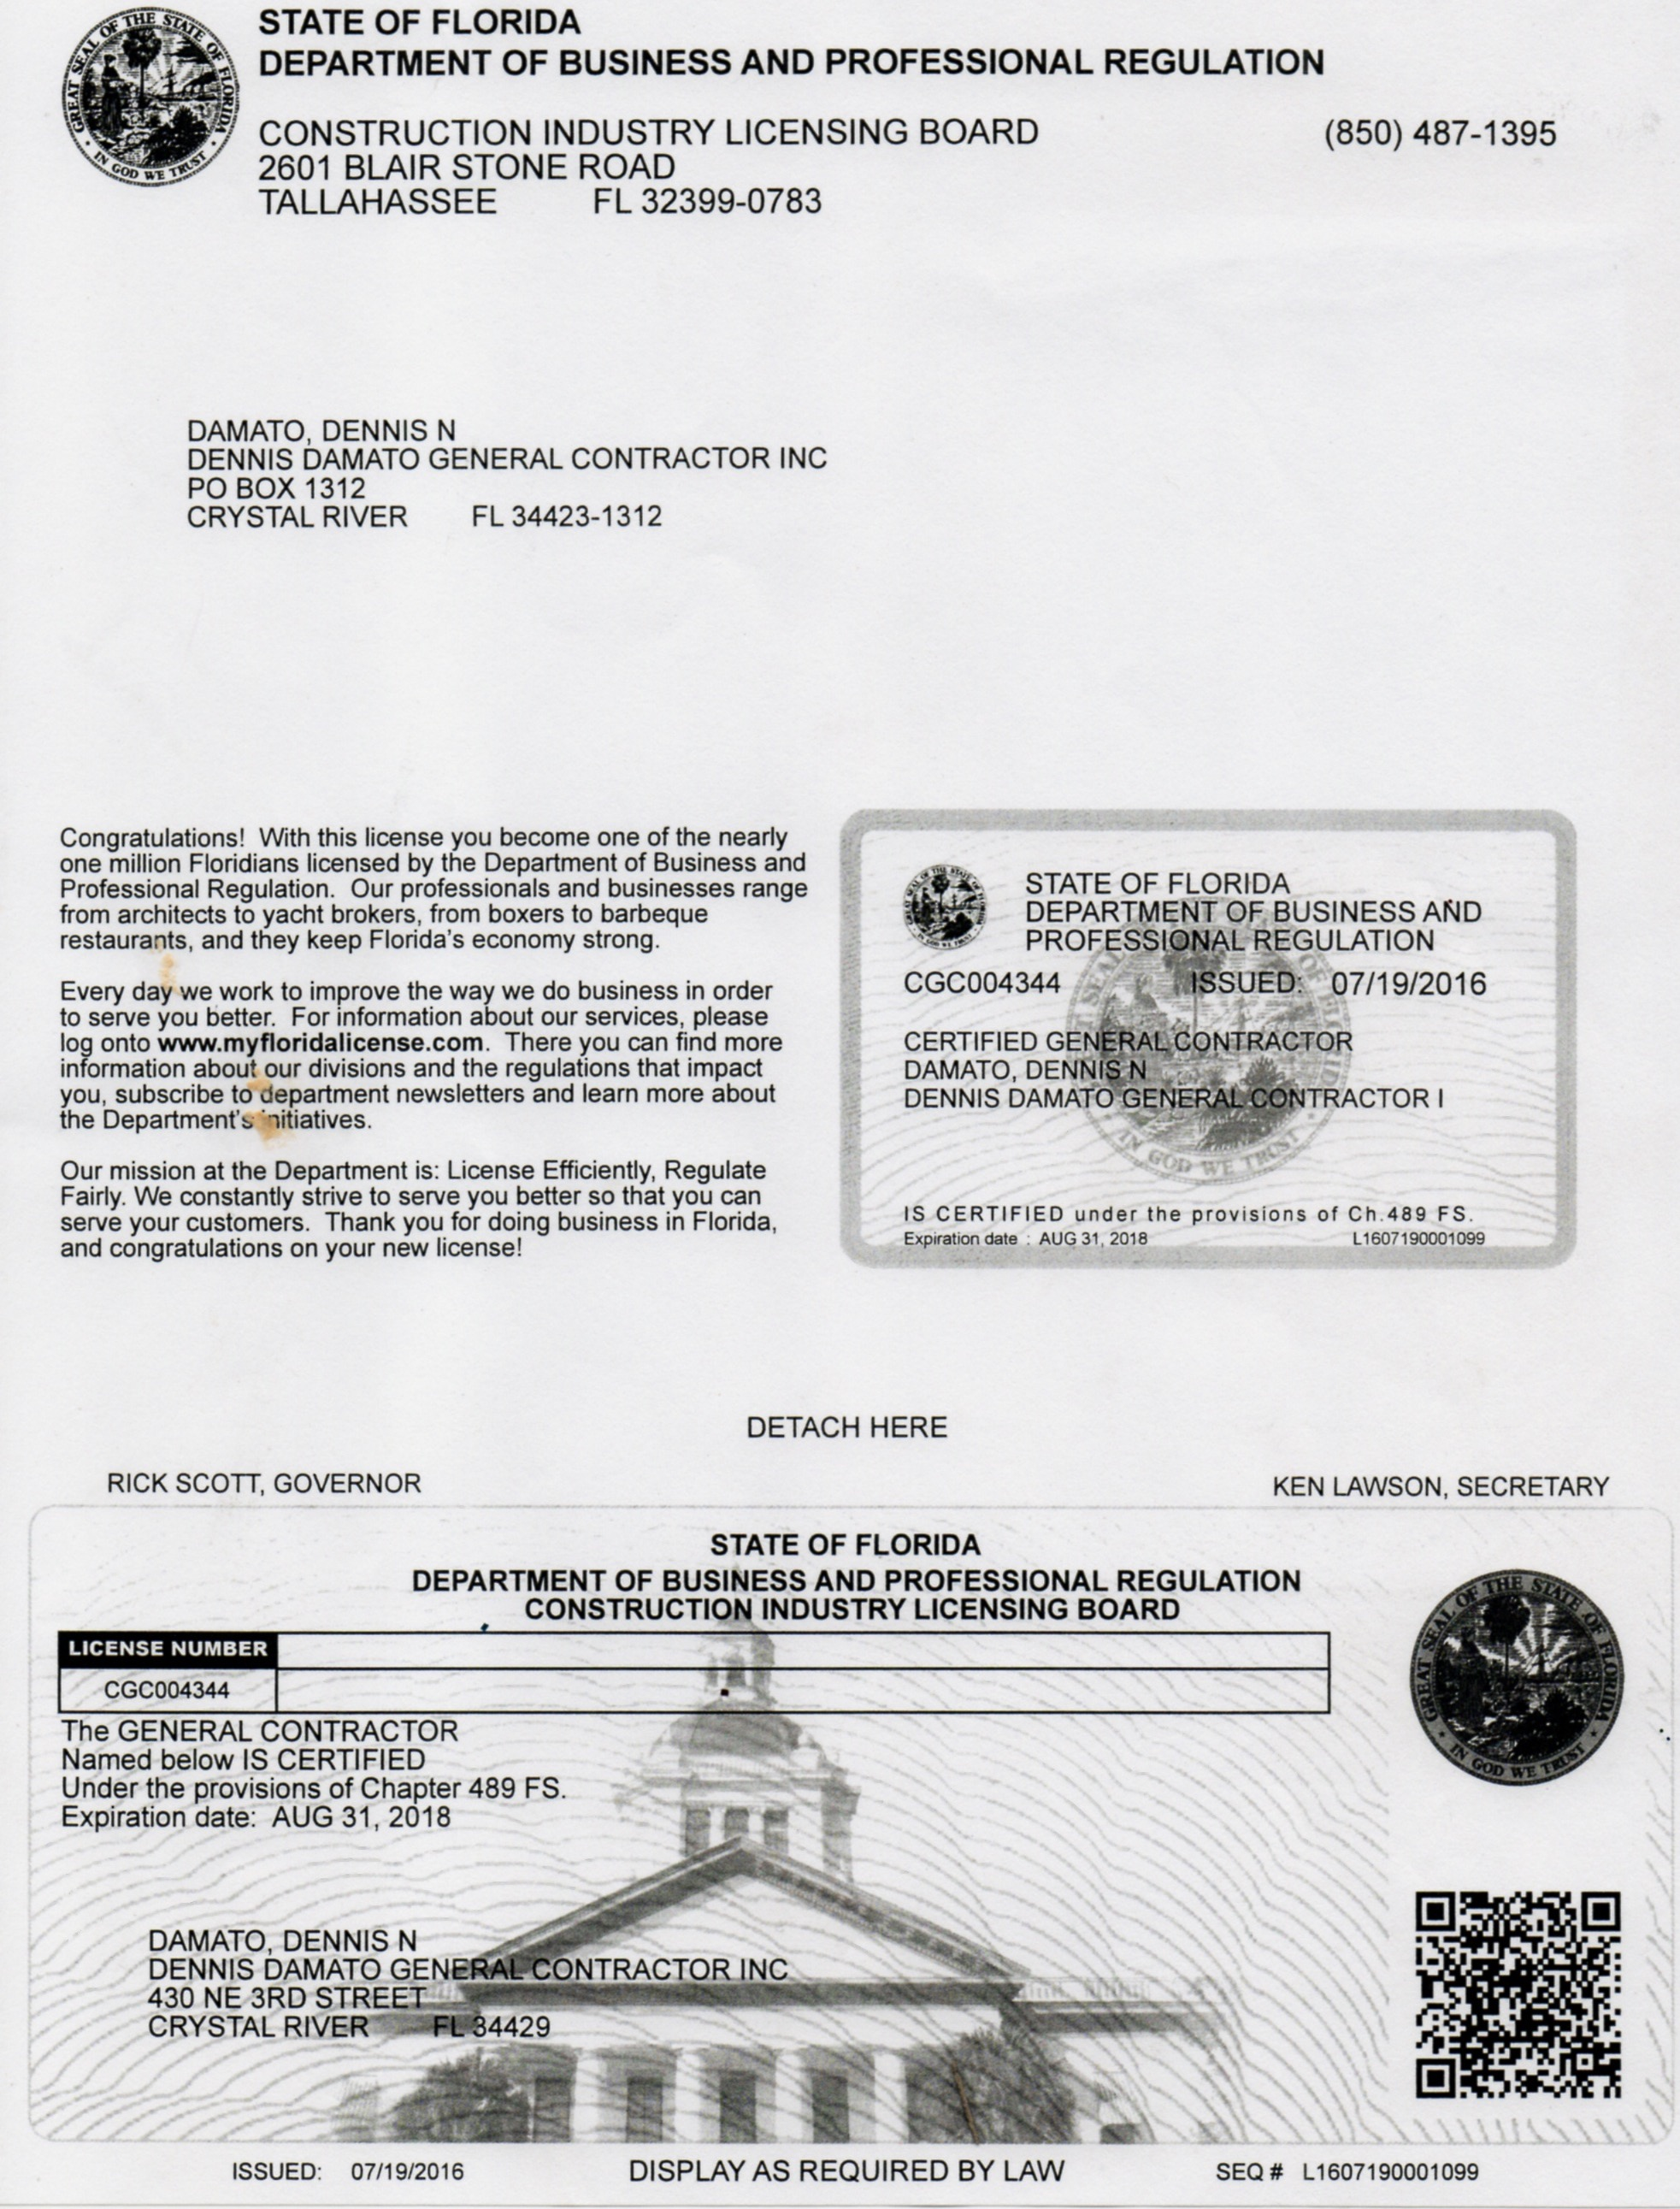 Dennis Damato license